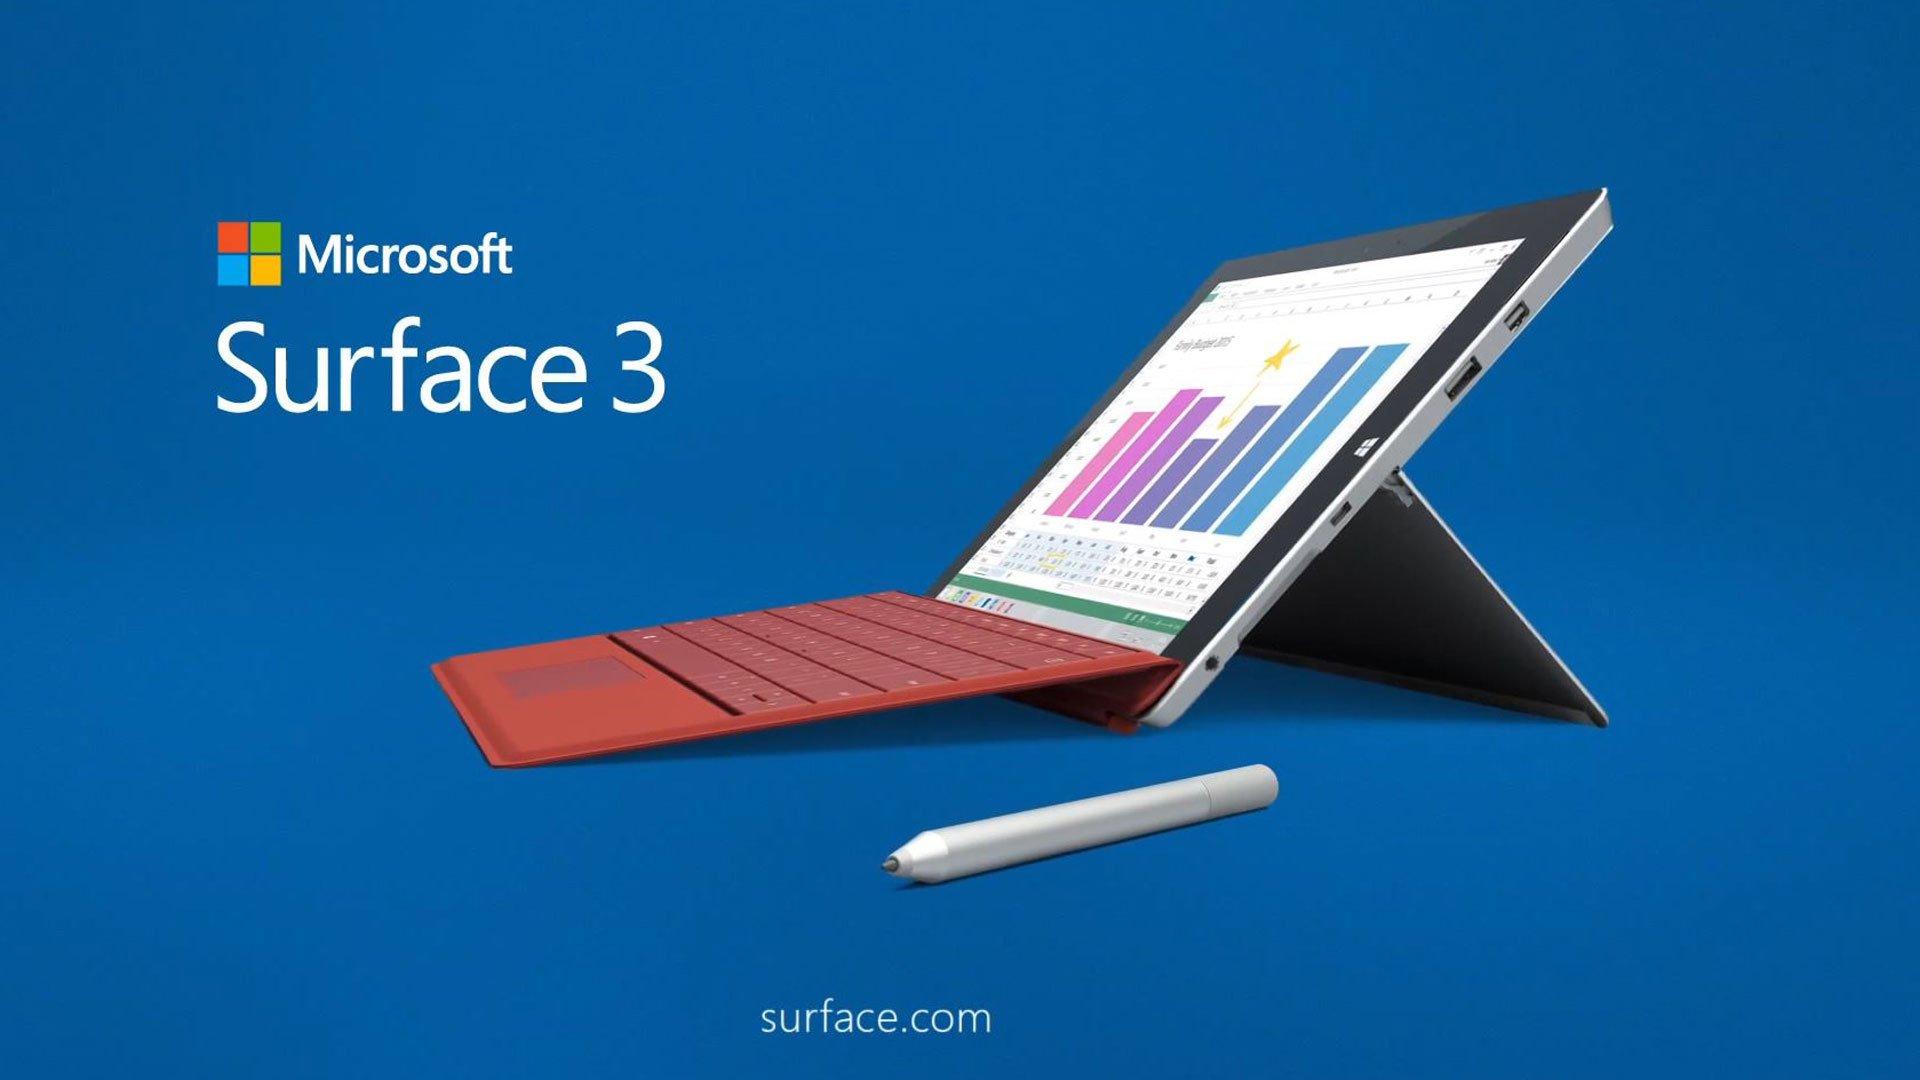 قلم برای سرفیس 3 نسبت به iPad پرکاربردتر است